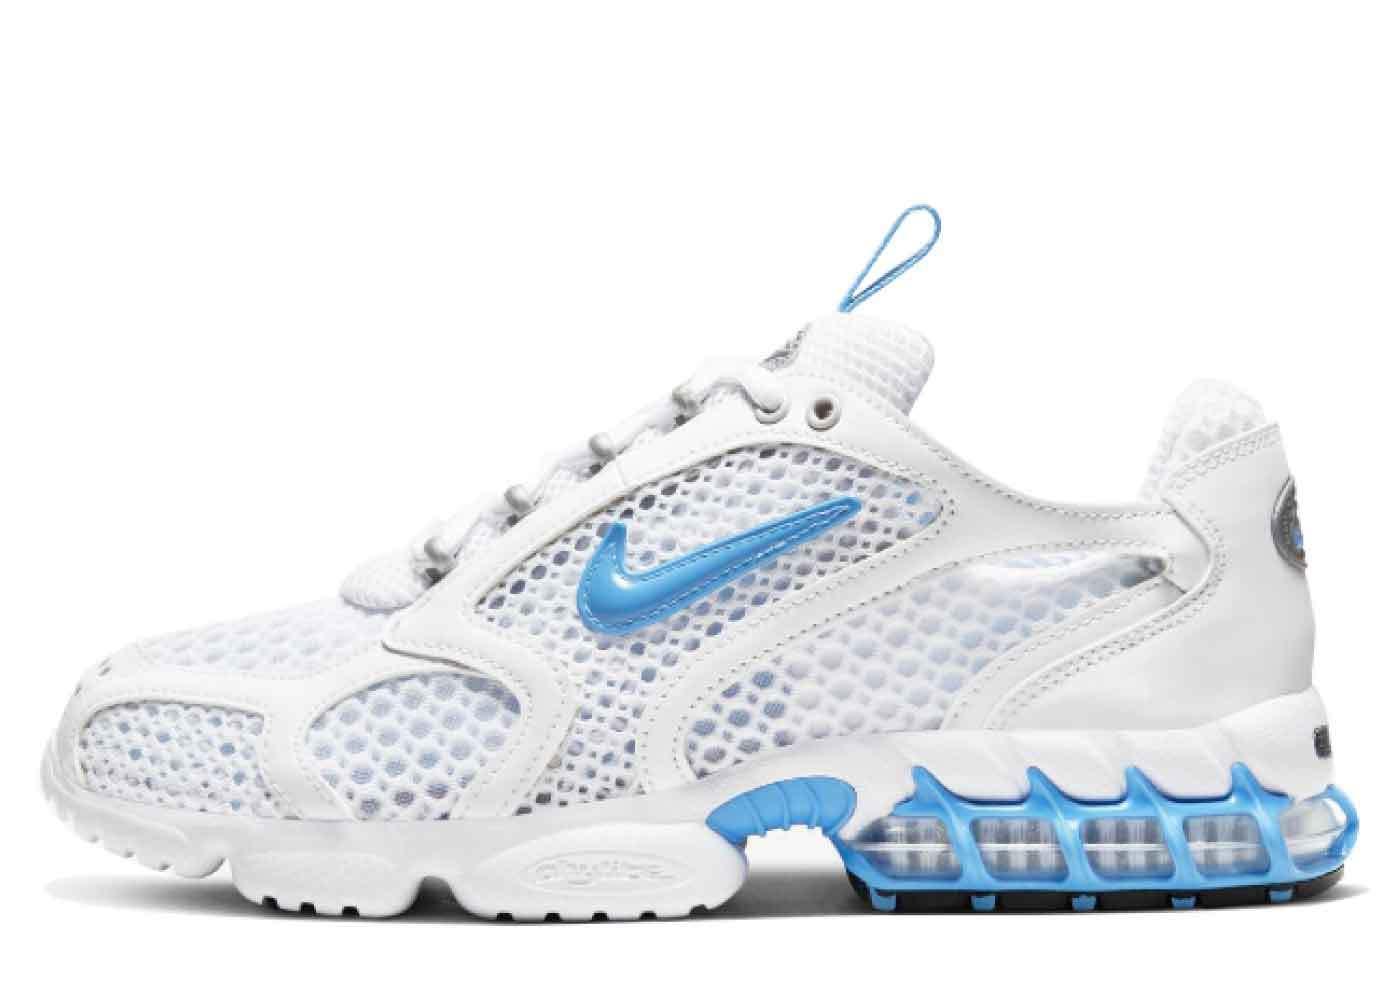 Nike Air Zoom Spiridon Cage 2 Light White Blue Womensの写真